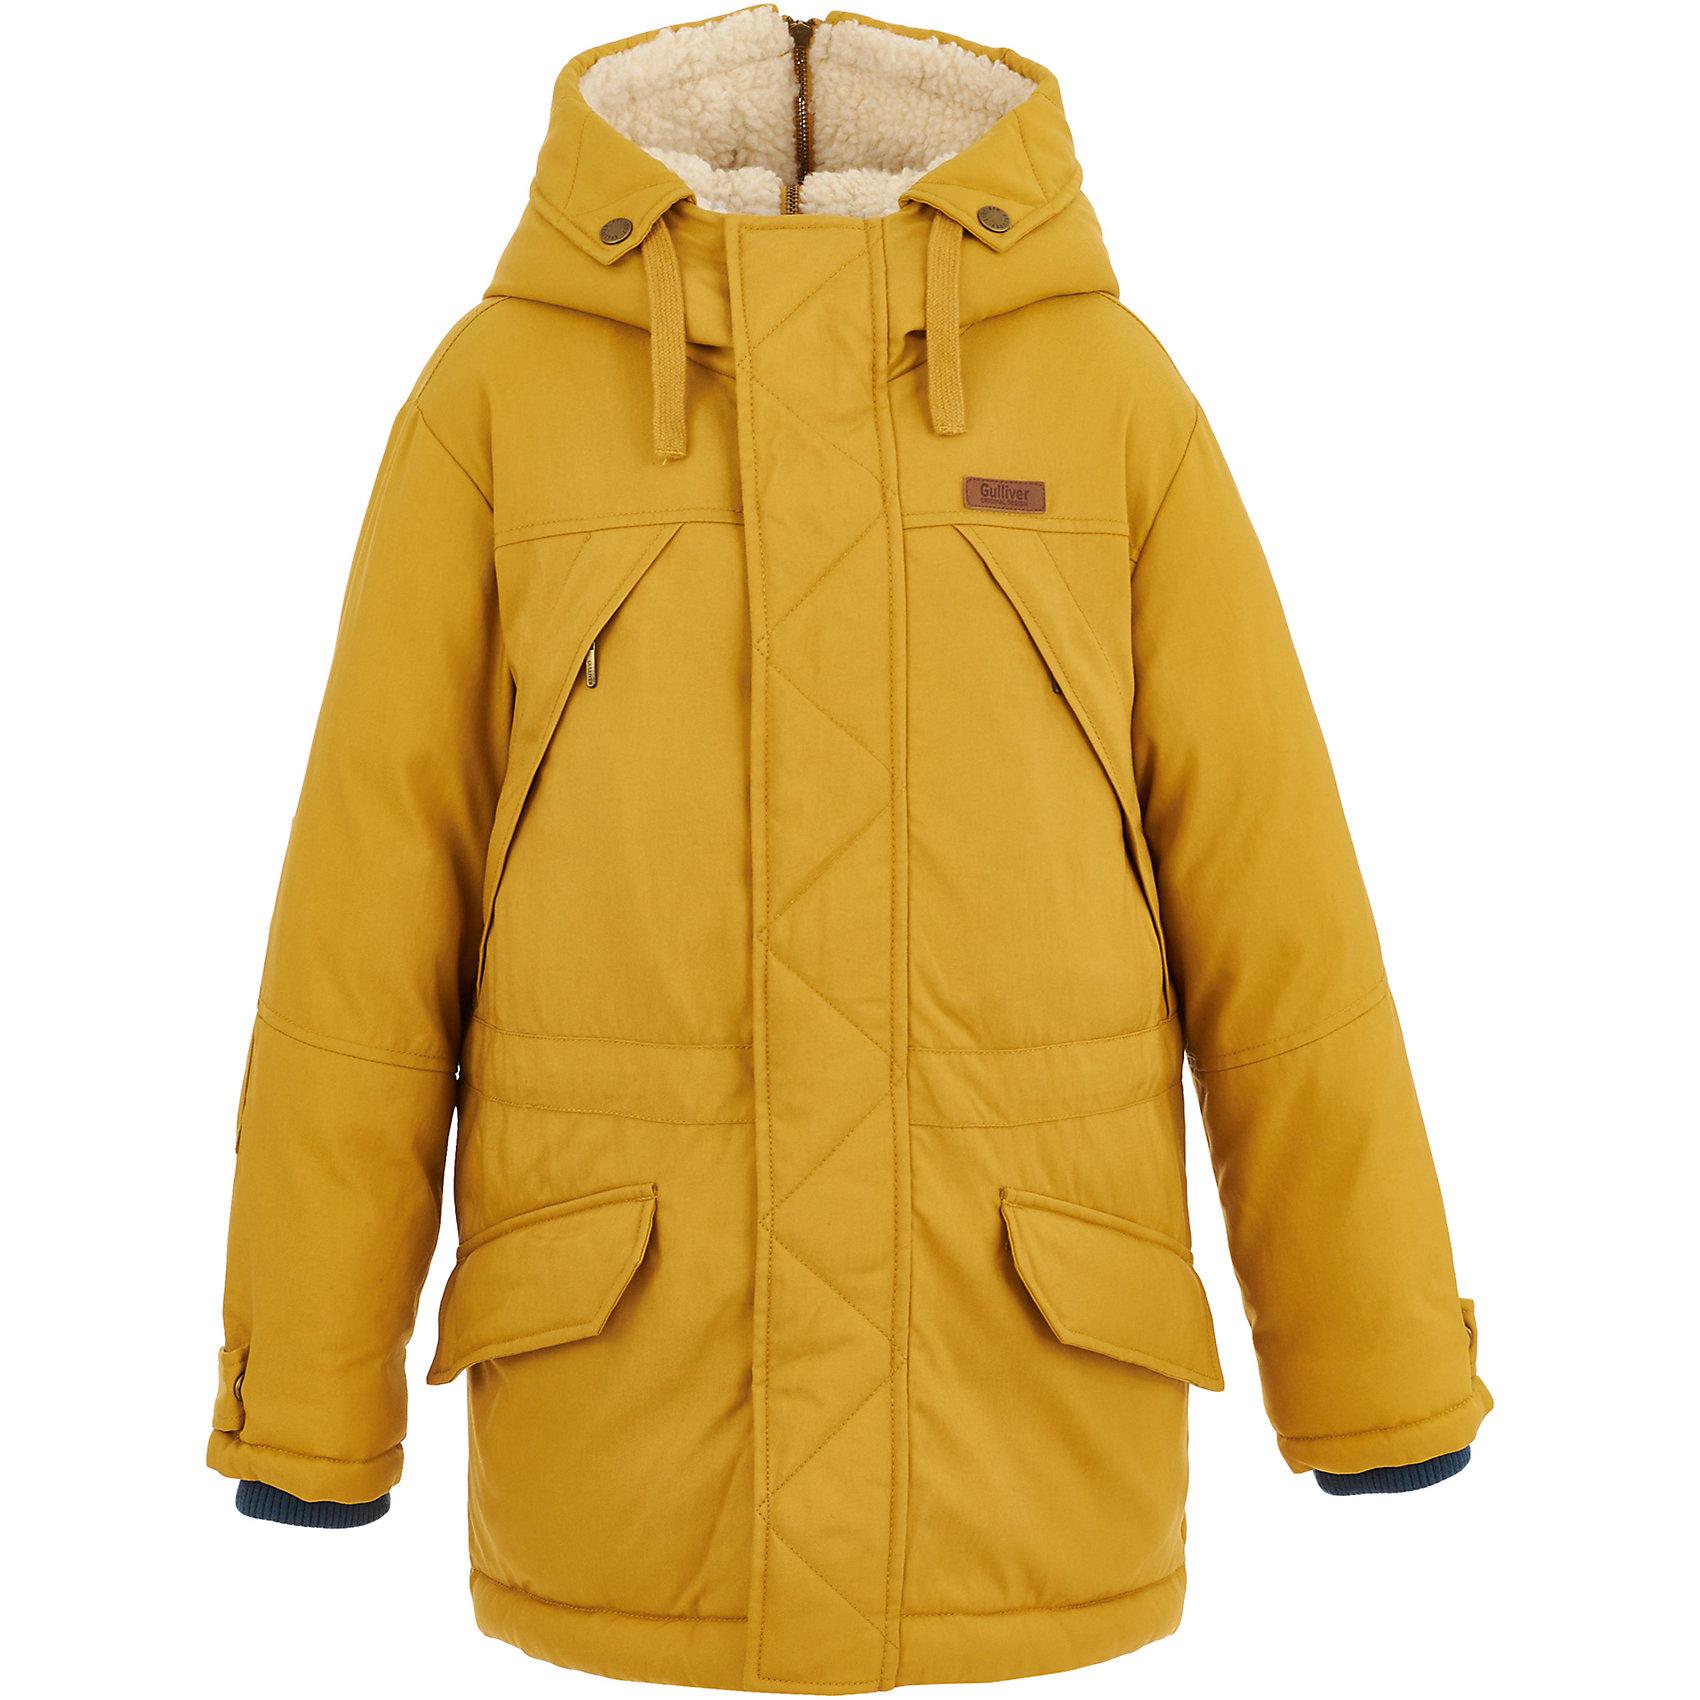 Полупальто Gulliver для мальчикаВерхняя одежда<br>Полупальто Gulliver для мальчика<br>Какими бы красивыми и комфортными не были детские куртки, они никогда не заменят пальто! Пальто с детства делает ребенка джентльменом. Оно выглядит элегантно, изысканно и не уступает куртке в функциональности. Модное пальто из сукна глубокого зеленого цвета - прекрасная возможность подчеркнуть индивидуальность ребенка, сделав его осенний гардероб стильным и выразительным. Если вы хотите приобрести ребенку достойную вещь для осенней погоды, обратите внимание на это пальто! Модная, красивая, комфортная, практичная вещь станет ярким акцентом образа ребенка.<br>Состав:<br>верх:  25% шерсть  75% полиэстер; подкладка: 100% полиэстер; утеплитель: 100% полиэстер<br><br>Ширина мм: 356<br>Глубина мм: 10<br>Высота мм: 245<br>Вес г: 519<br>Цвет: желтый<br>Возраст от месяцев: 72<br>Возраст до месяцев: 84<br>Пол: Мужской<br>Возраст: Детский<br>Размер: 122,140,134,128<br>SKU: 7076984